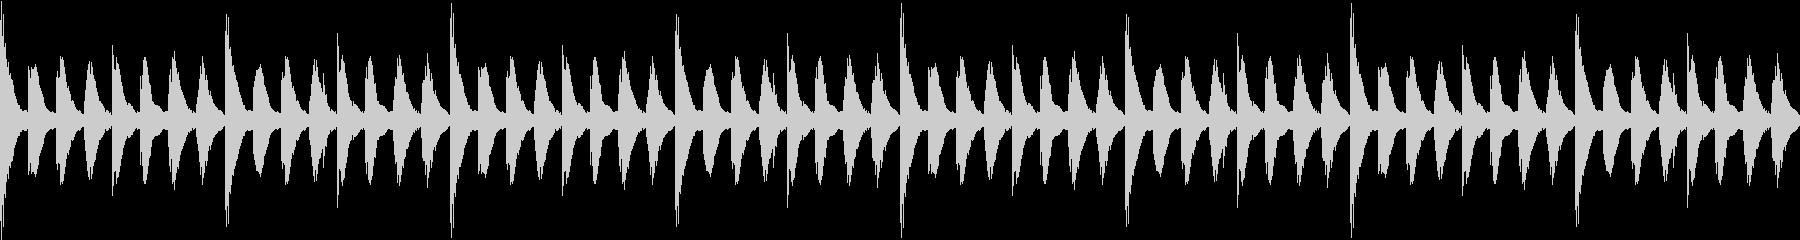 ほのぼのした日常01 マリンバ(ループ)の未再生の波形